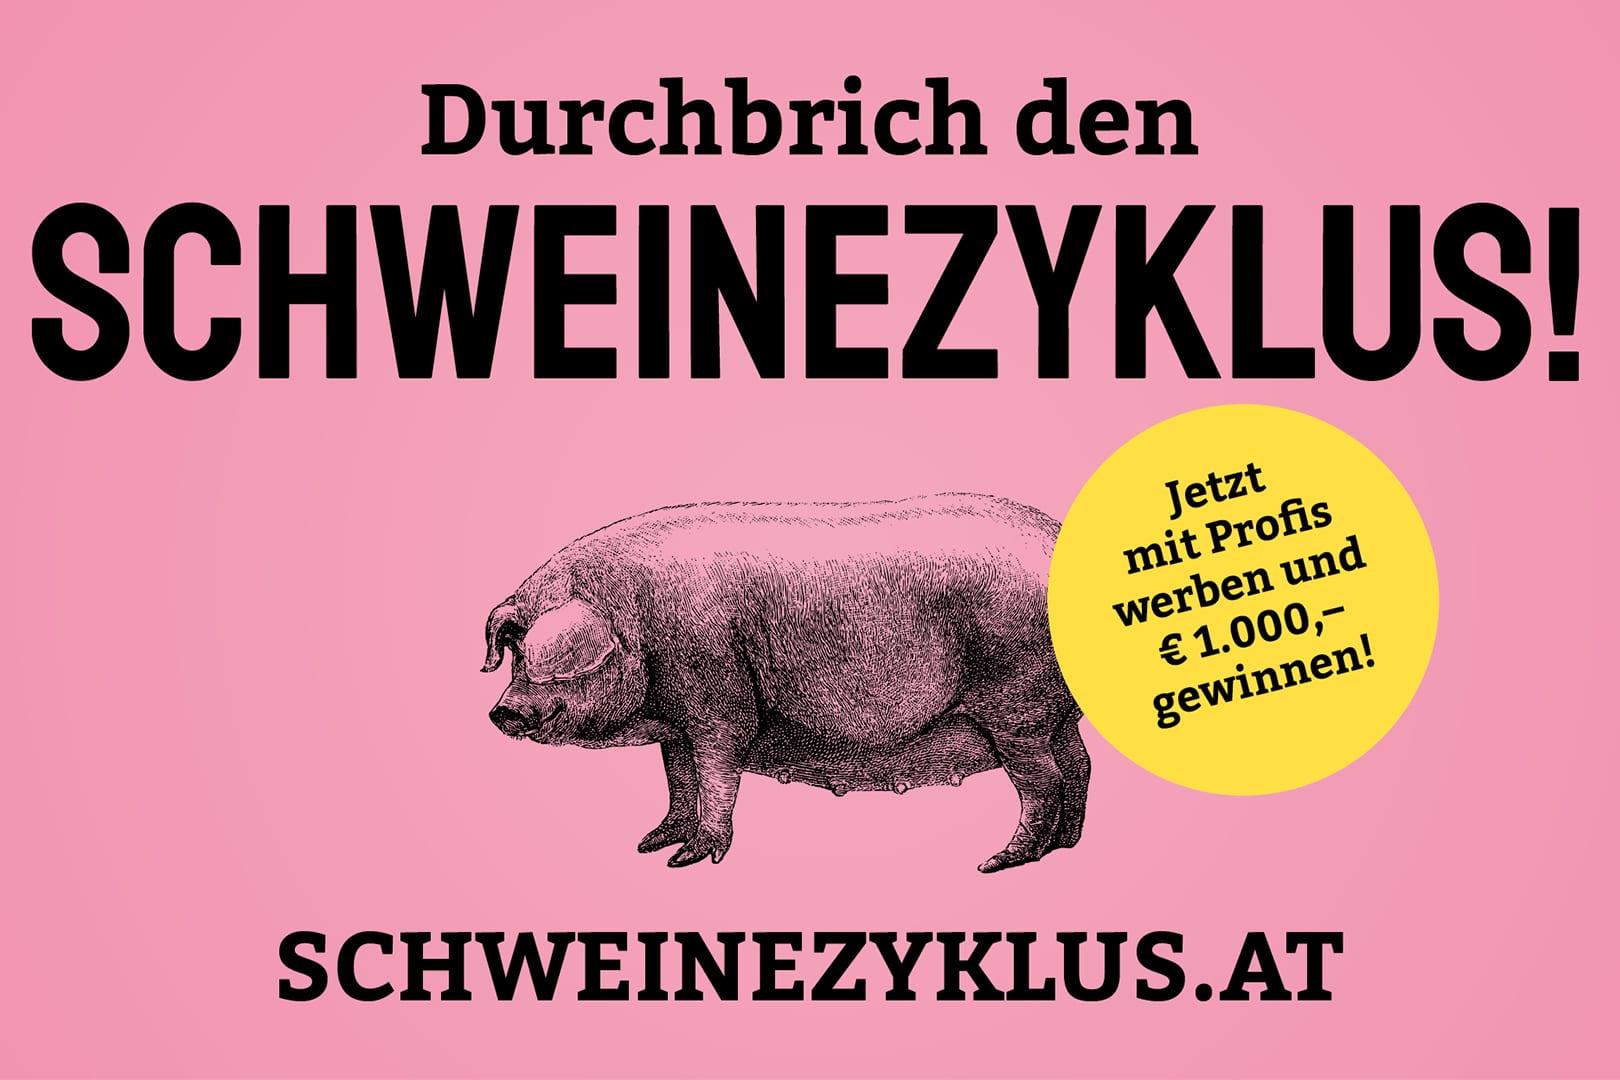 Schweinezyklus